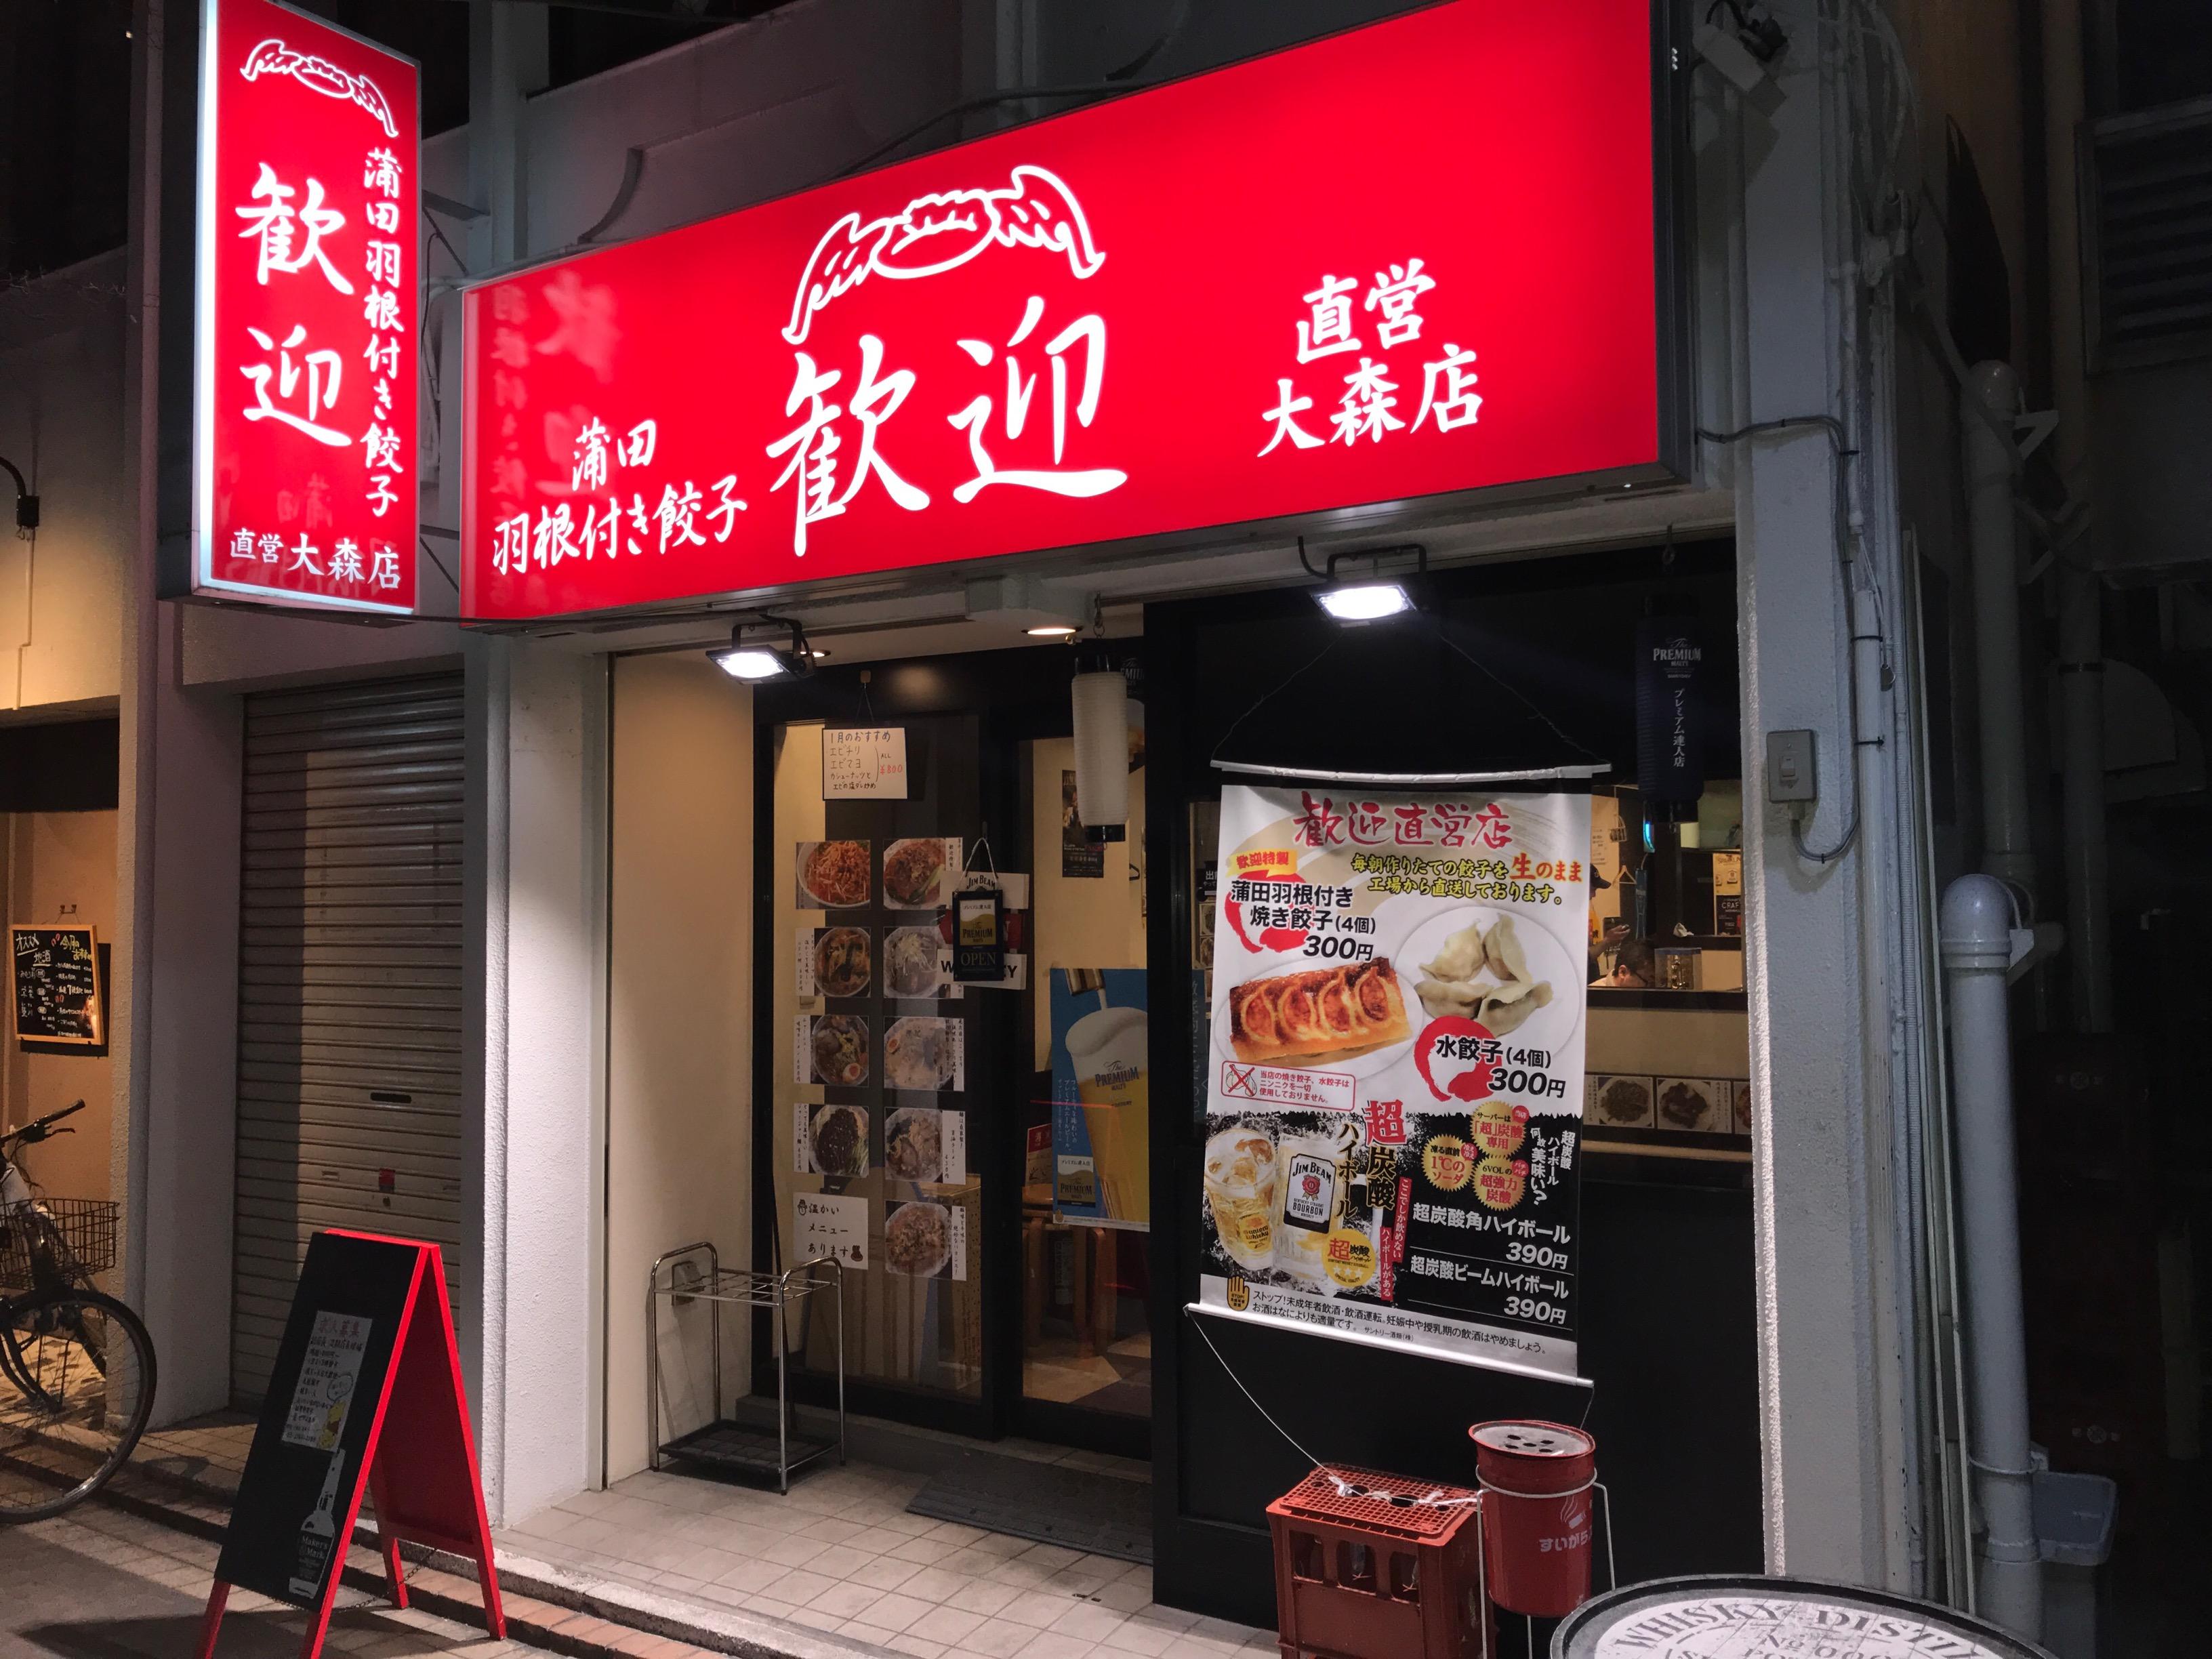 大森】「歓迎(ホアンヨン)」餃子だけじゃない!美味くて安い中華居酒屋 ...